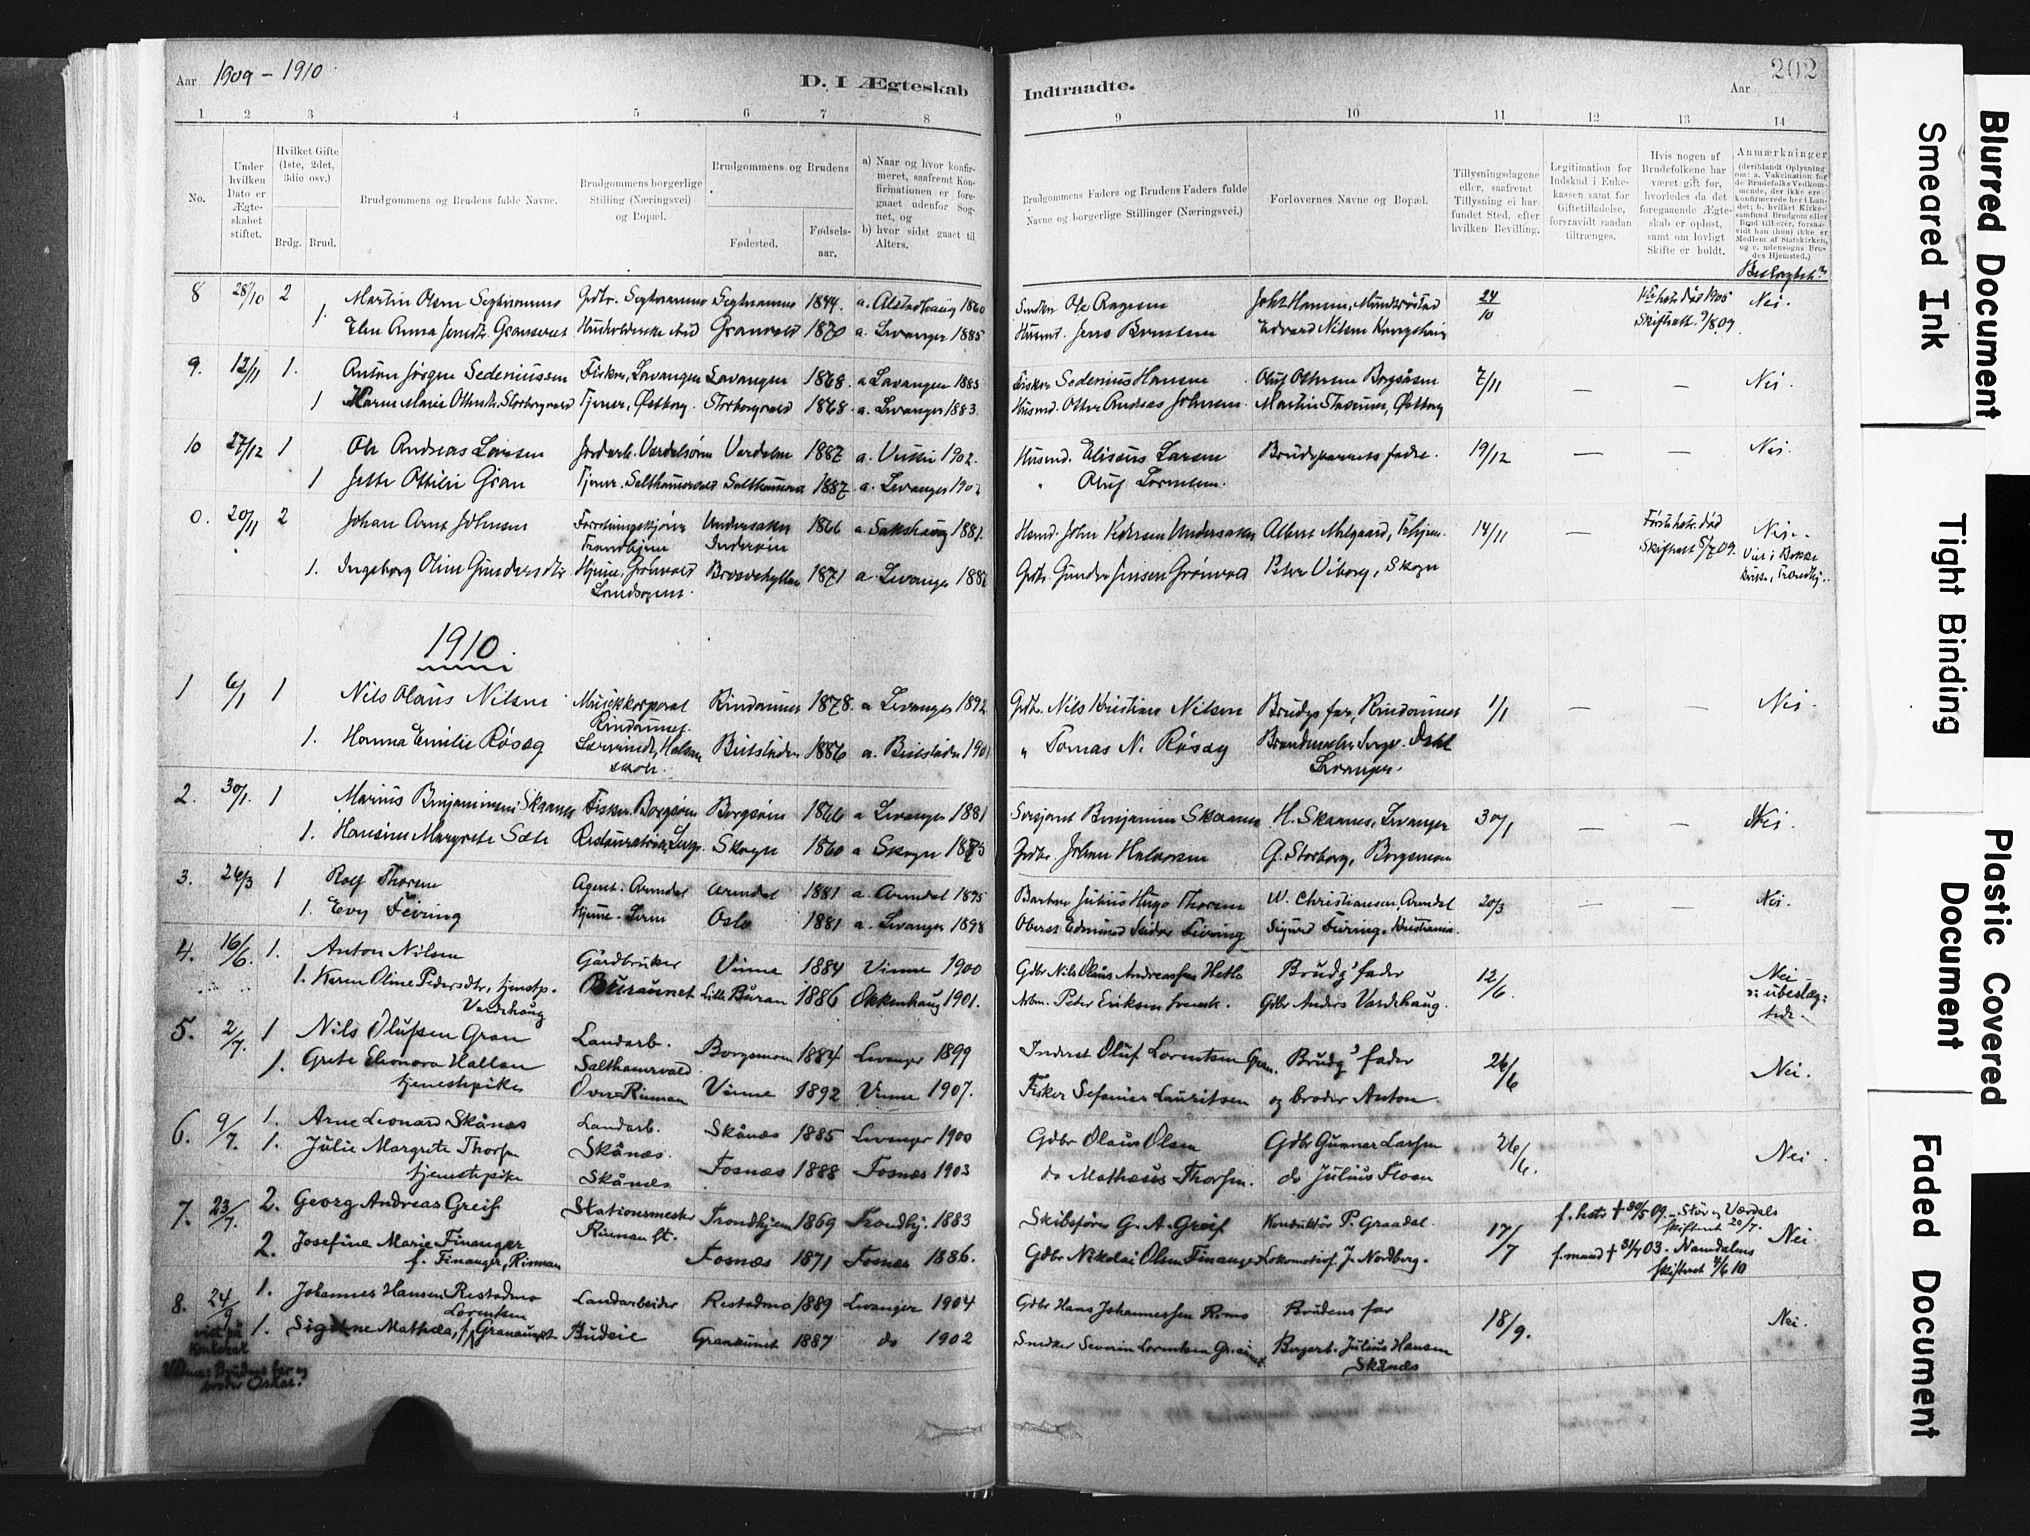 SAT, Ministerialprotokoller, klokkerbøker og fødselsregistre - Nord-Trøndelag, 721/L0207: Ministerialbok nr. 721A02, 1880-1911, s. 202